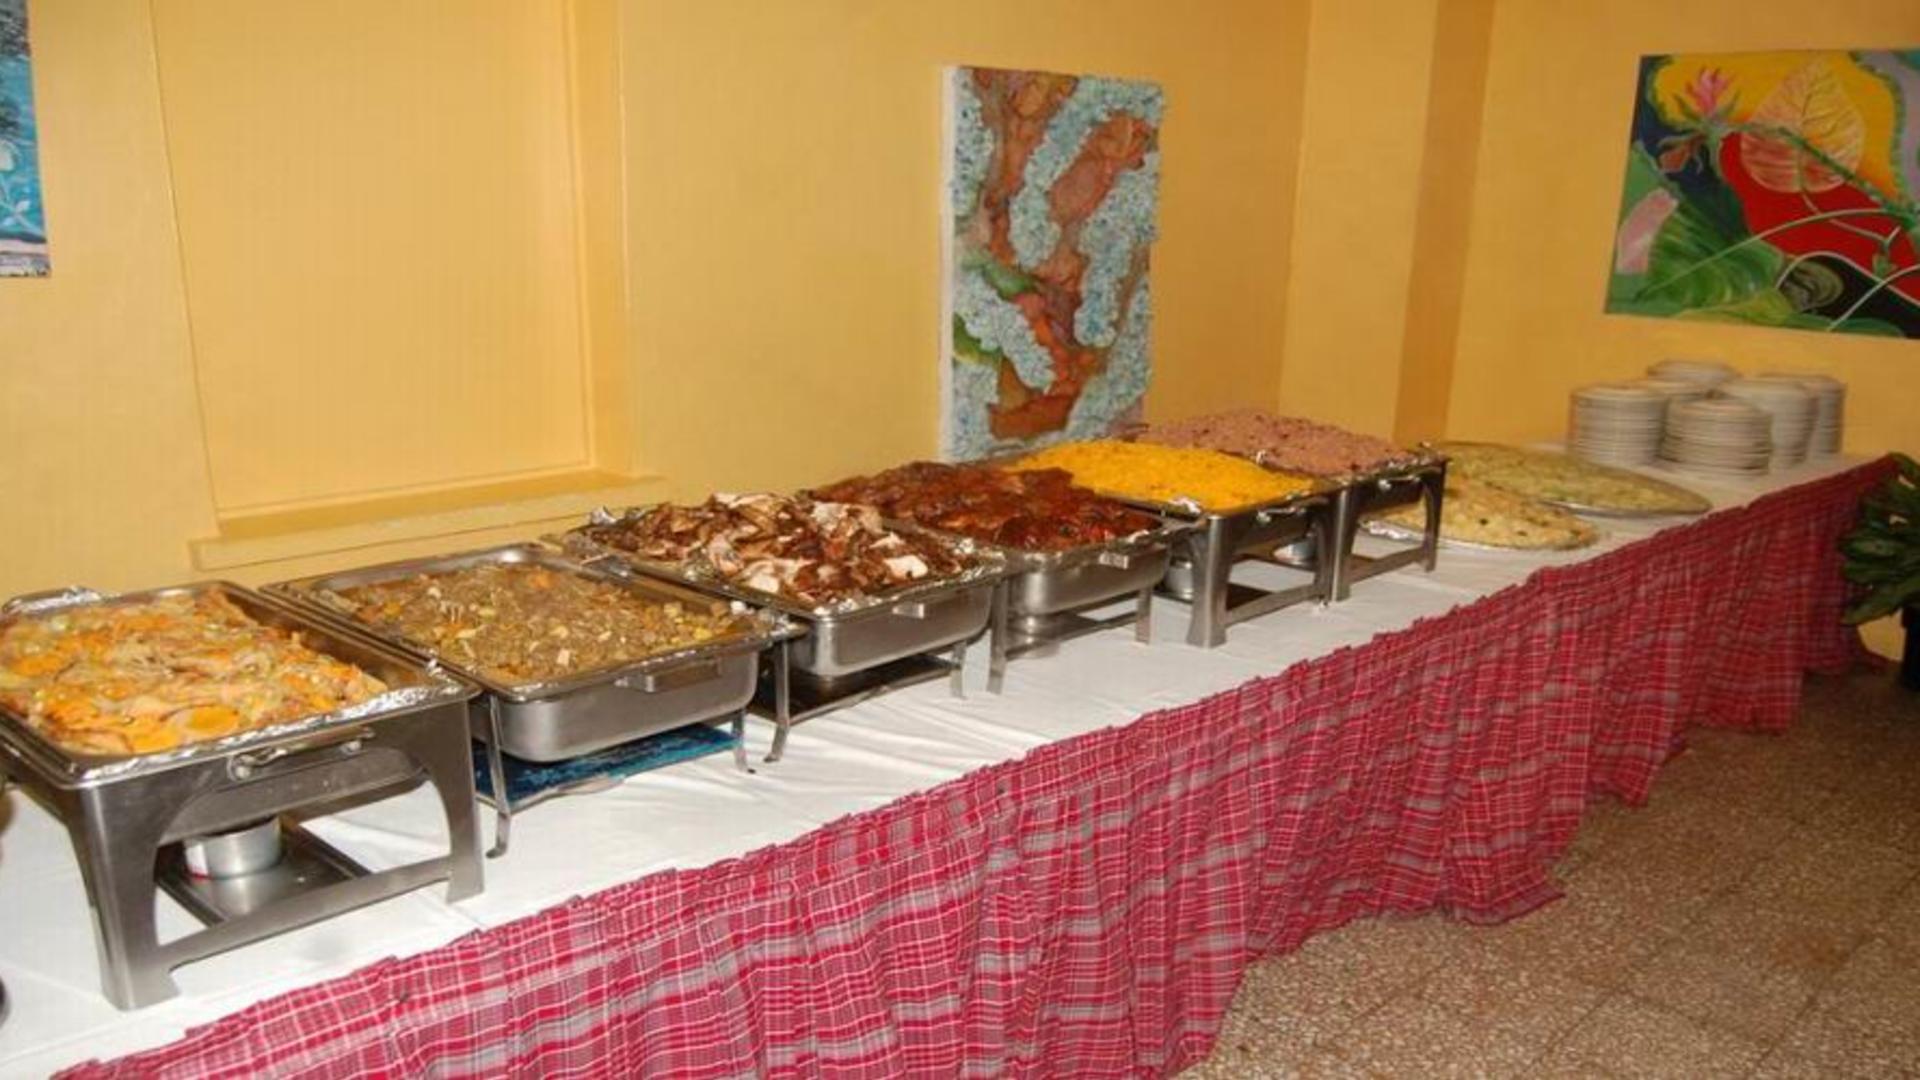 Casa_maria-food_gallery